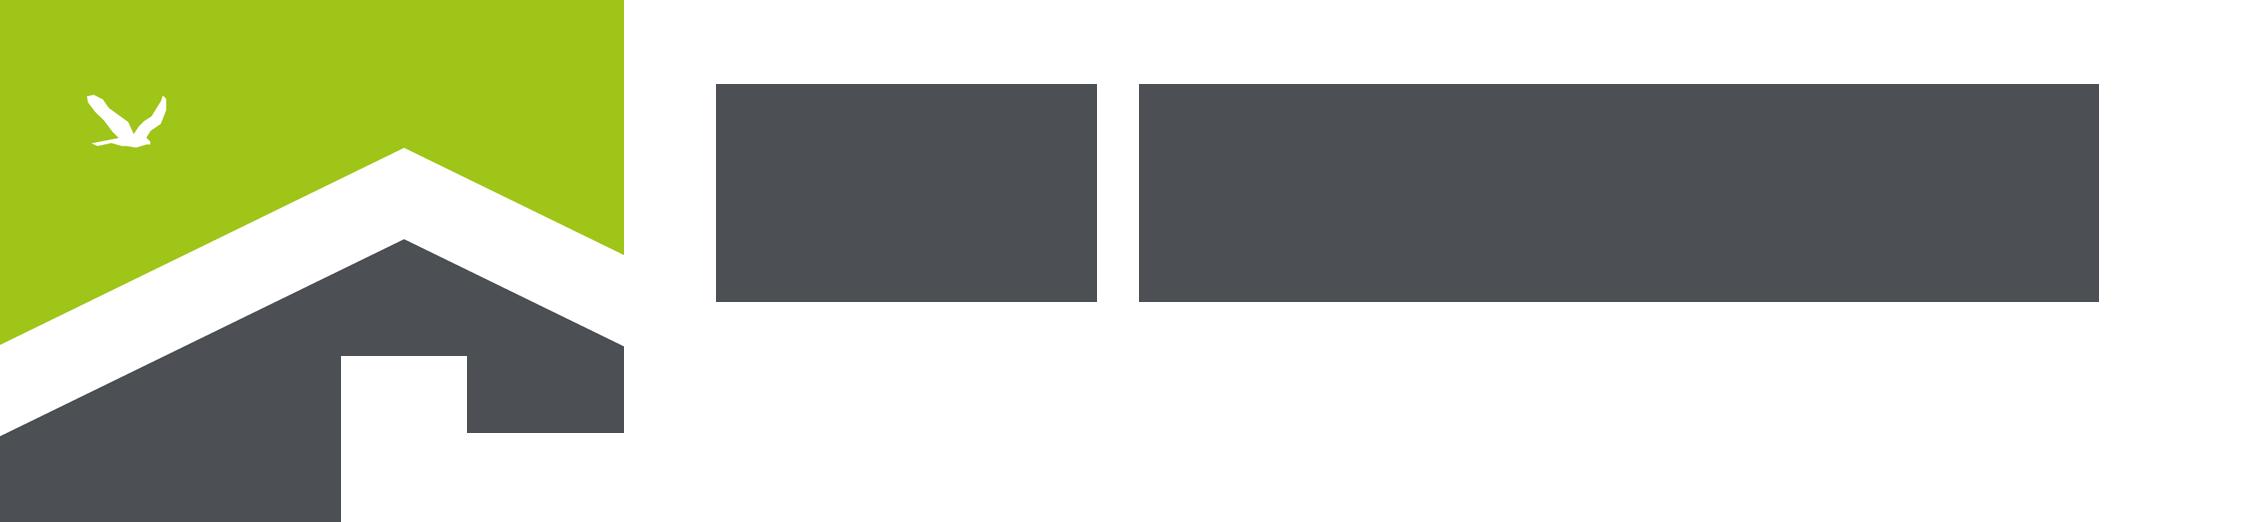 HEIMWERT Bauträger GmbH